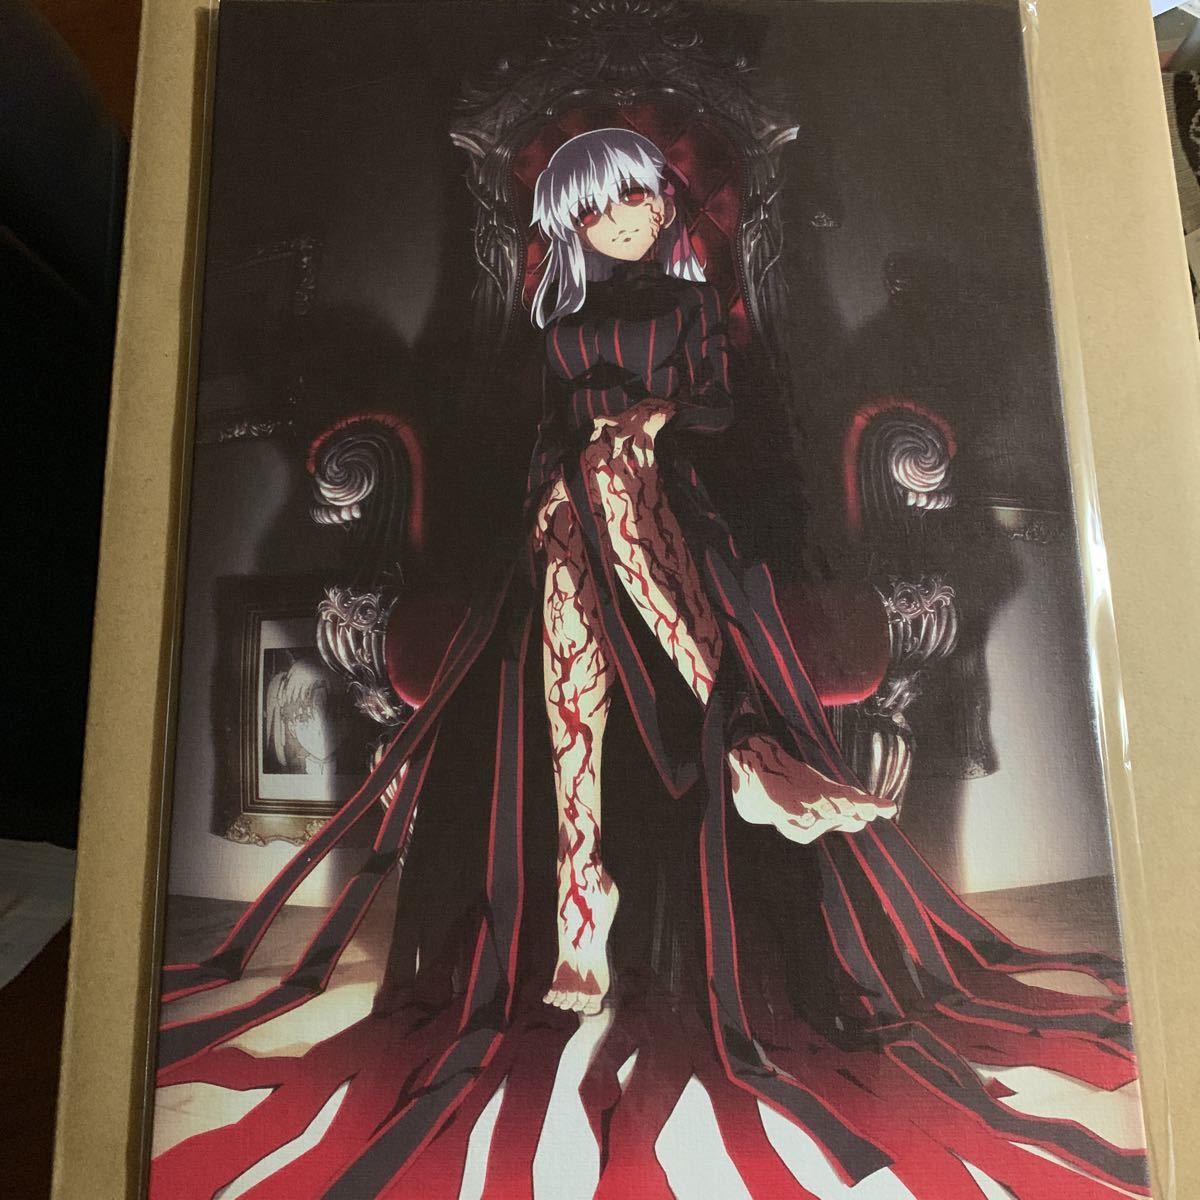 「Fate/stay night [Heaven's Feel] Ⅱ.lost butterfly」 【完全生産限定版】Blu-ray_画像8